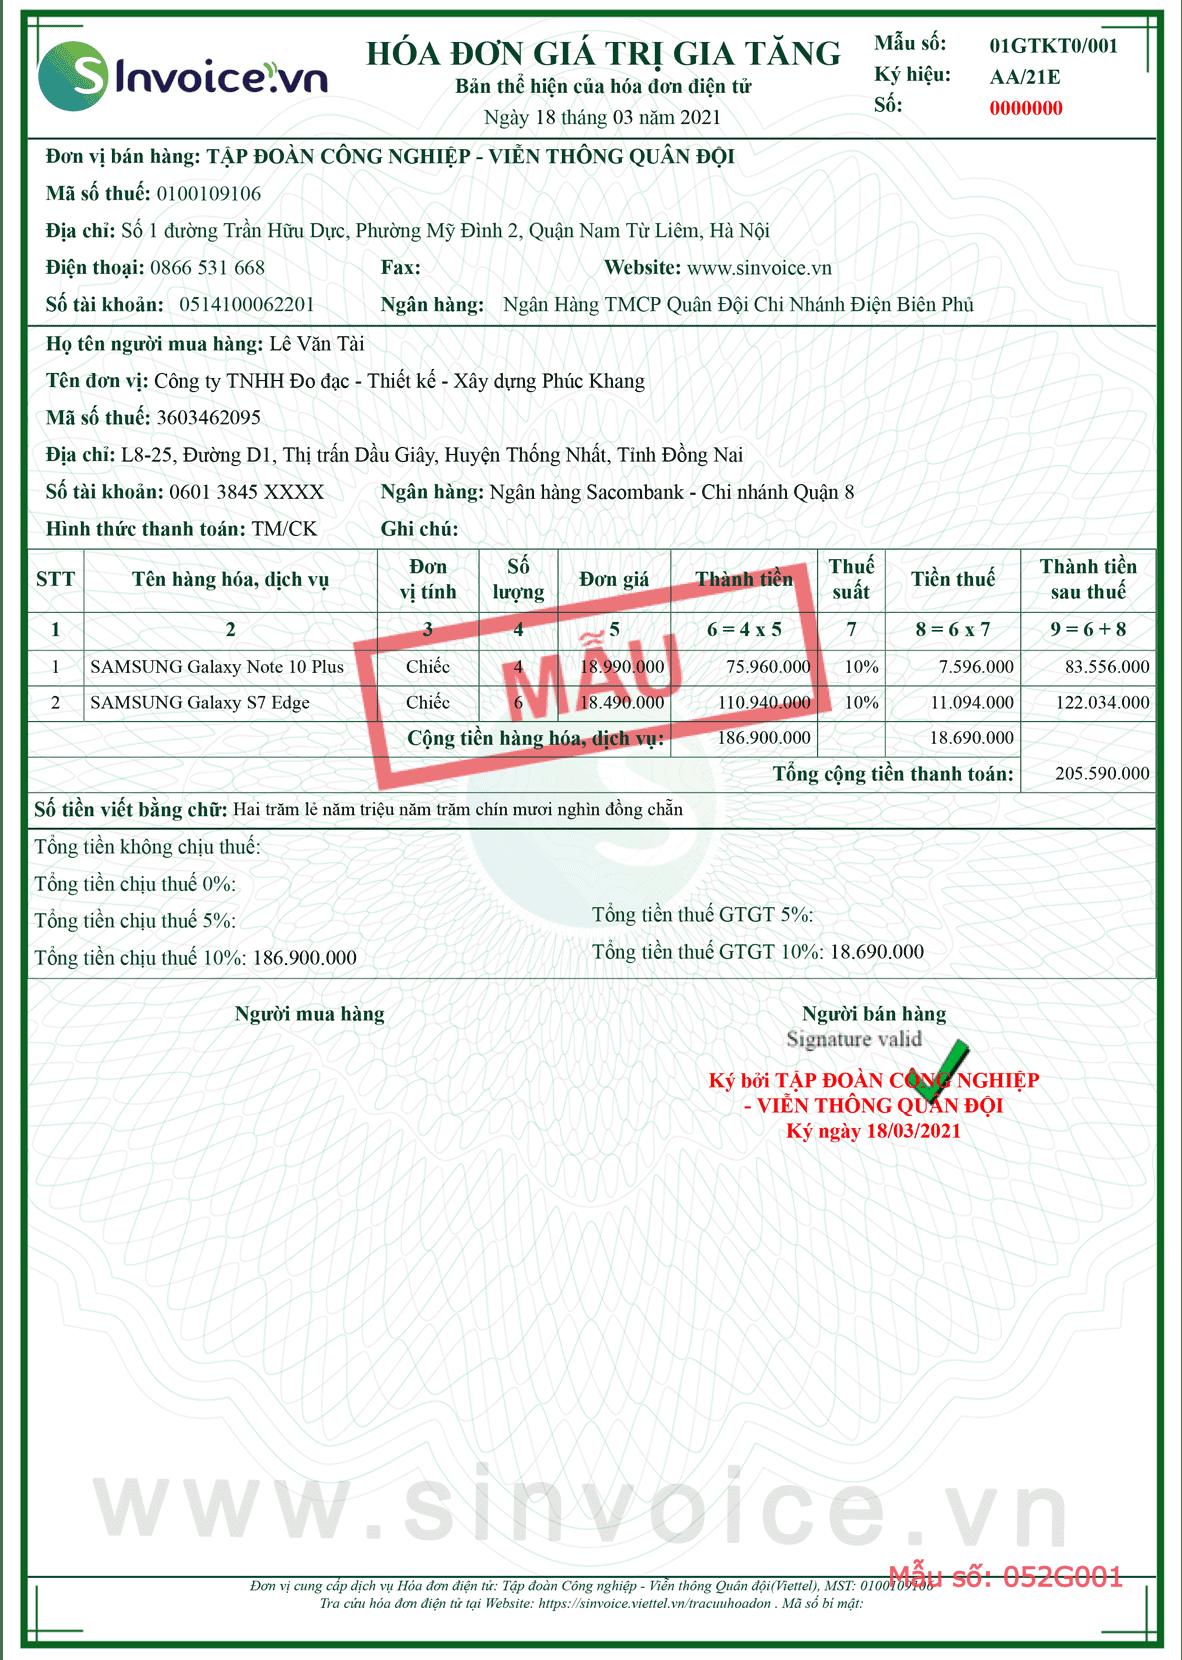 Mẫu hóa đơn điện tử số 052G001